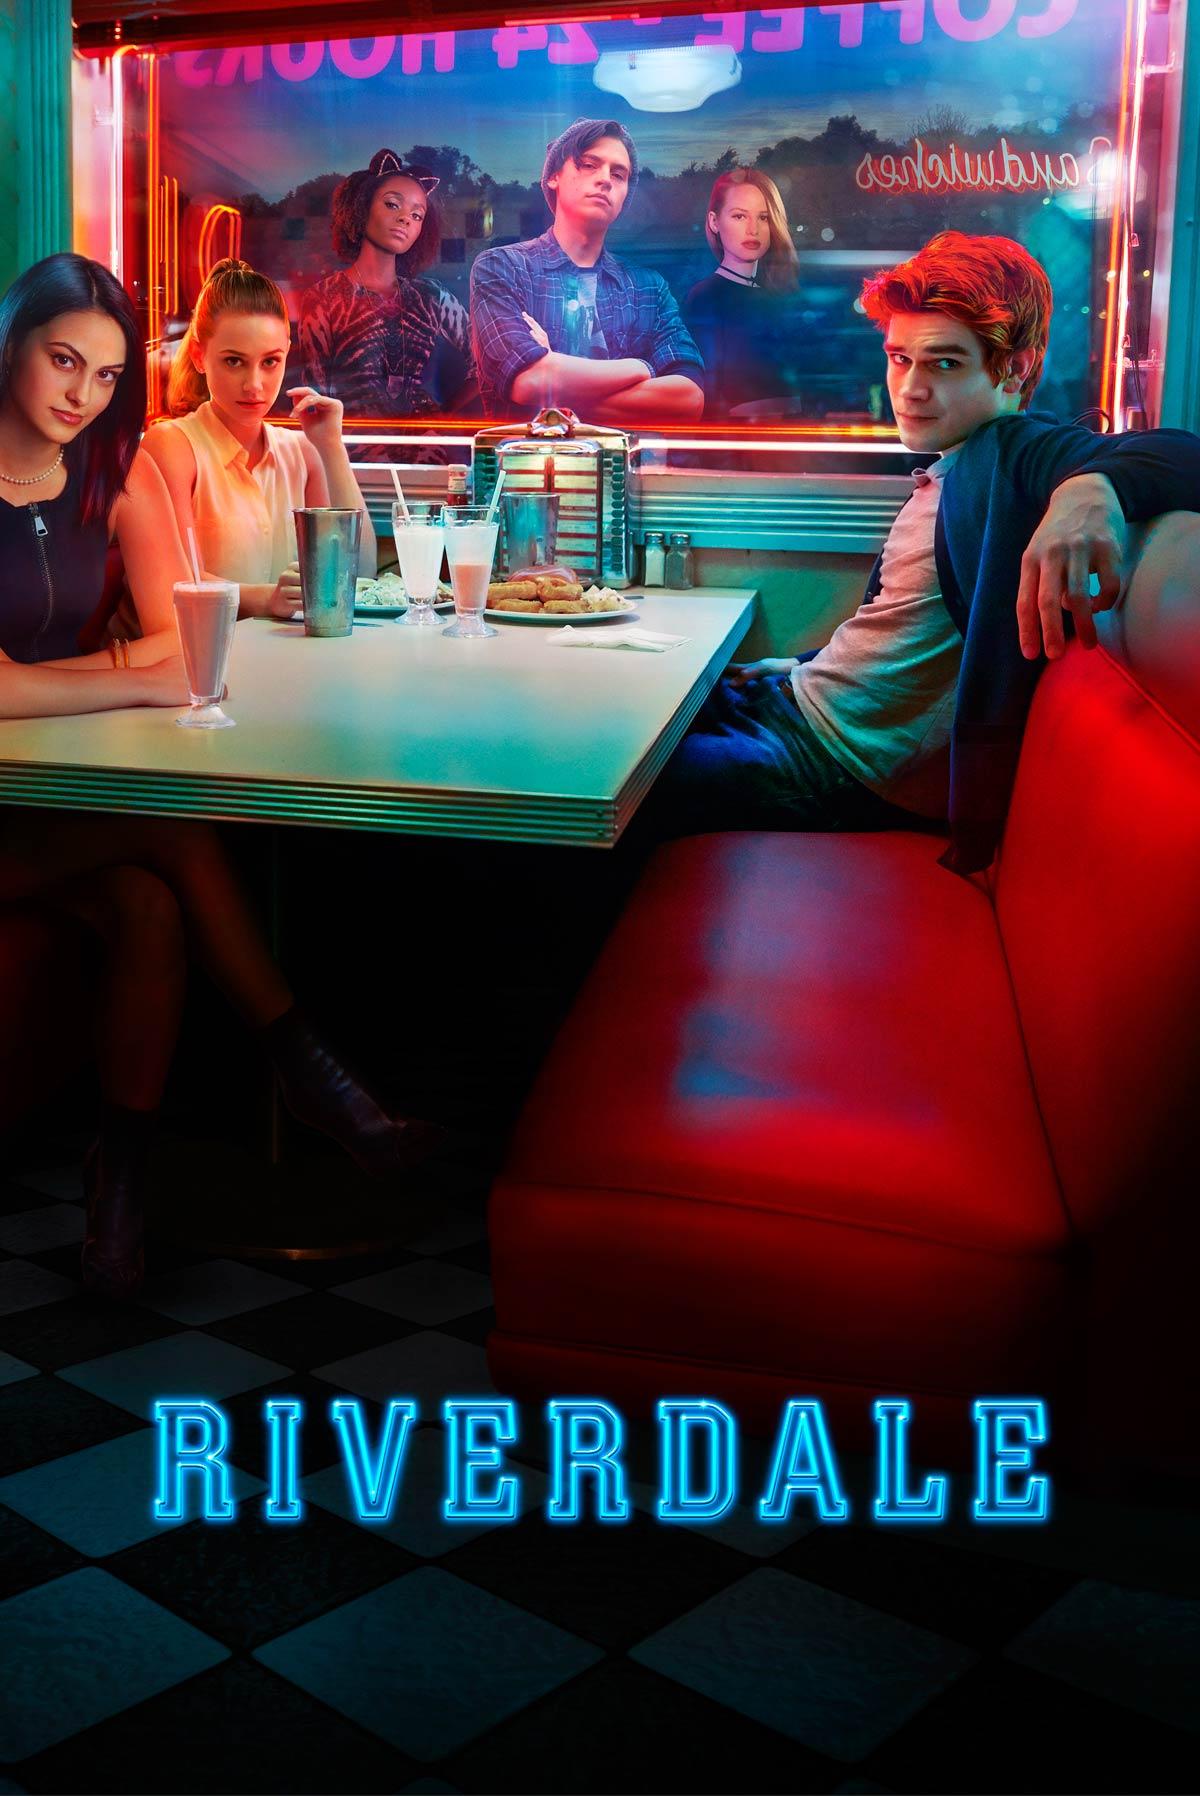 Riverdale Serie 2017 Sensacine Com